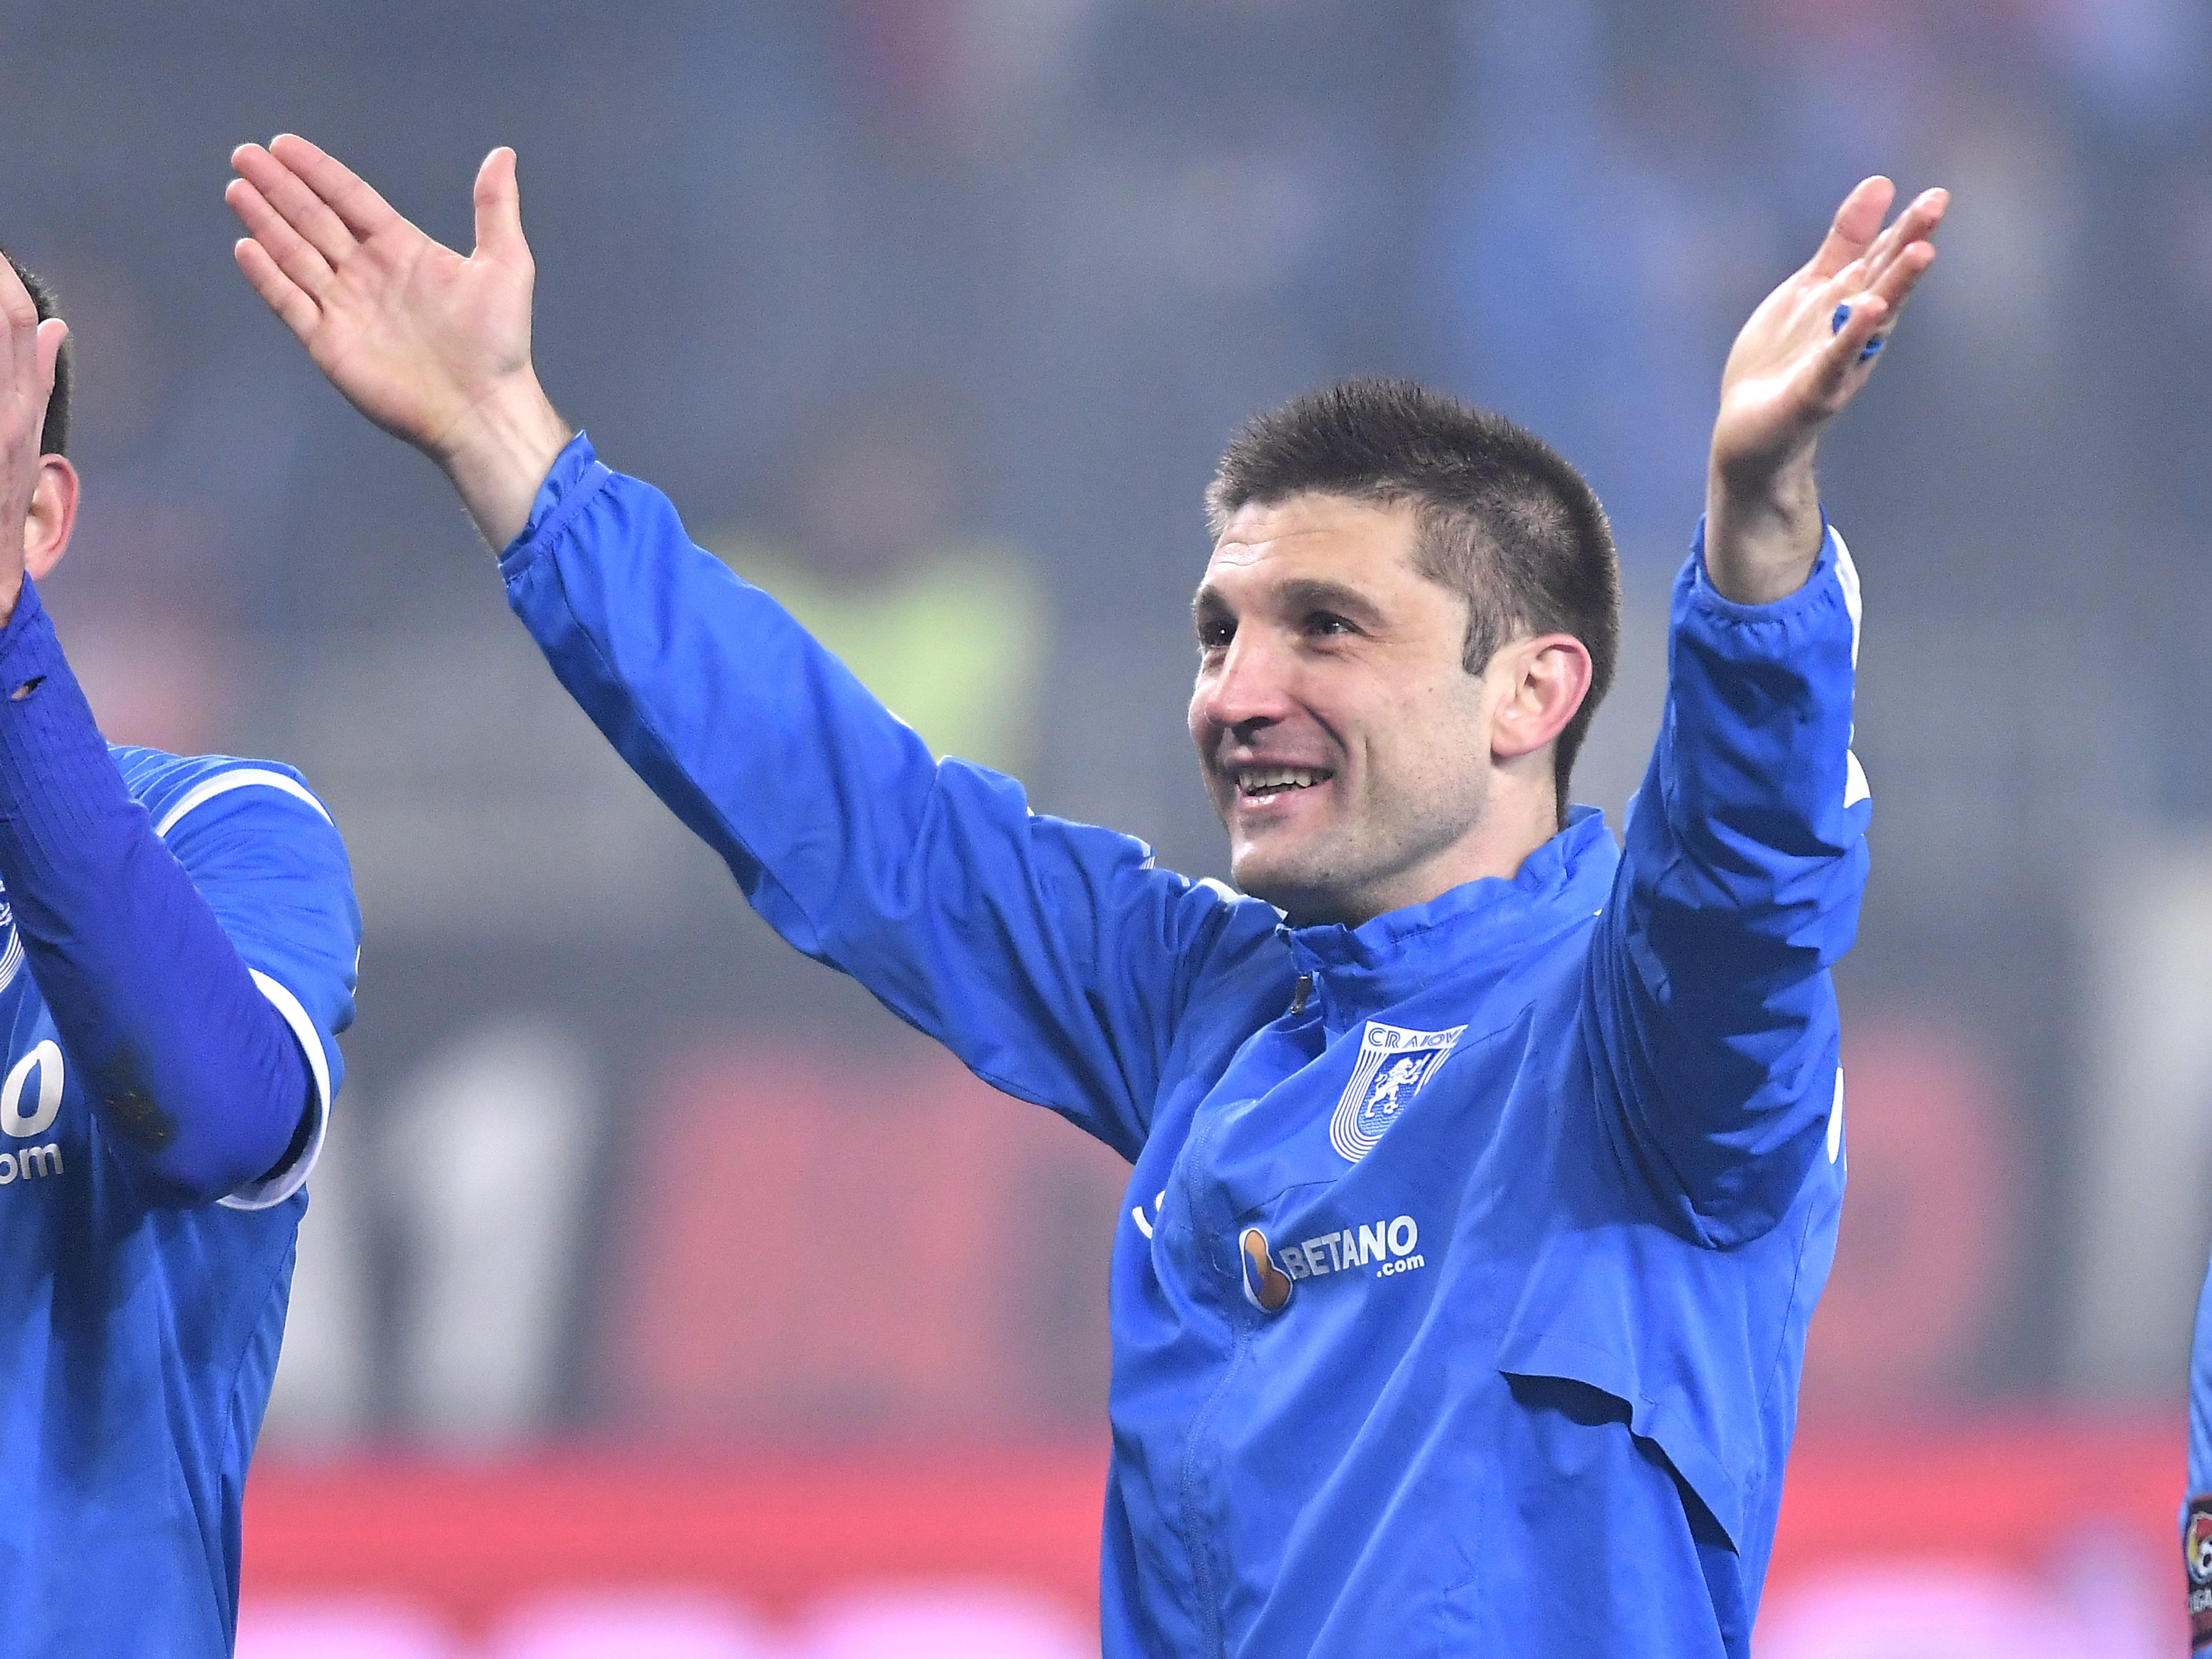 Andrei Cristea este fascinat de fanii Universităţii Craiova